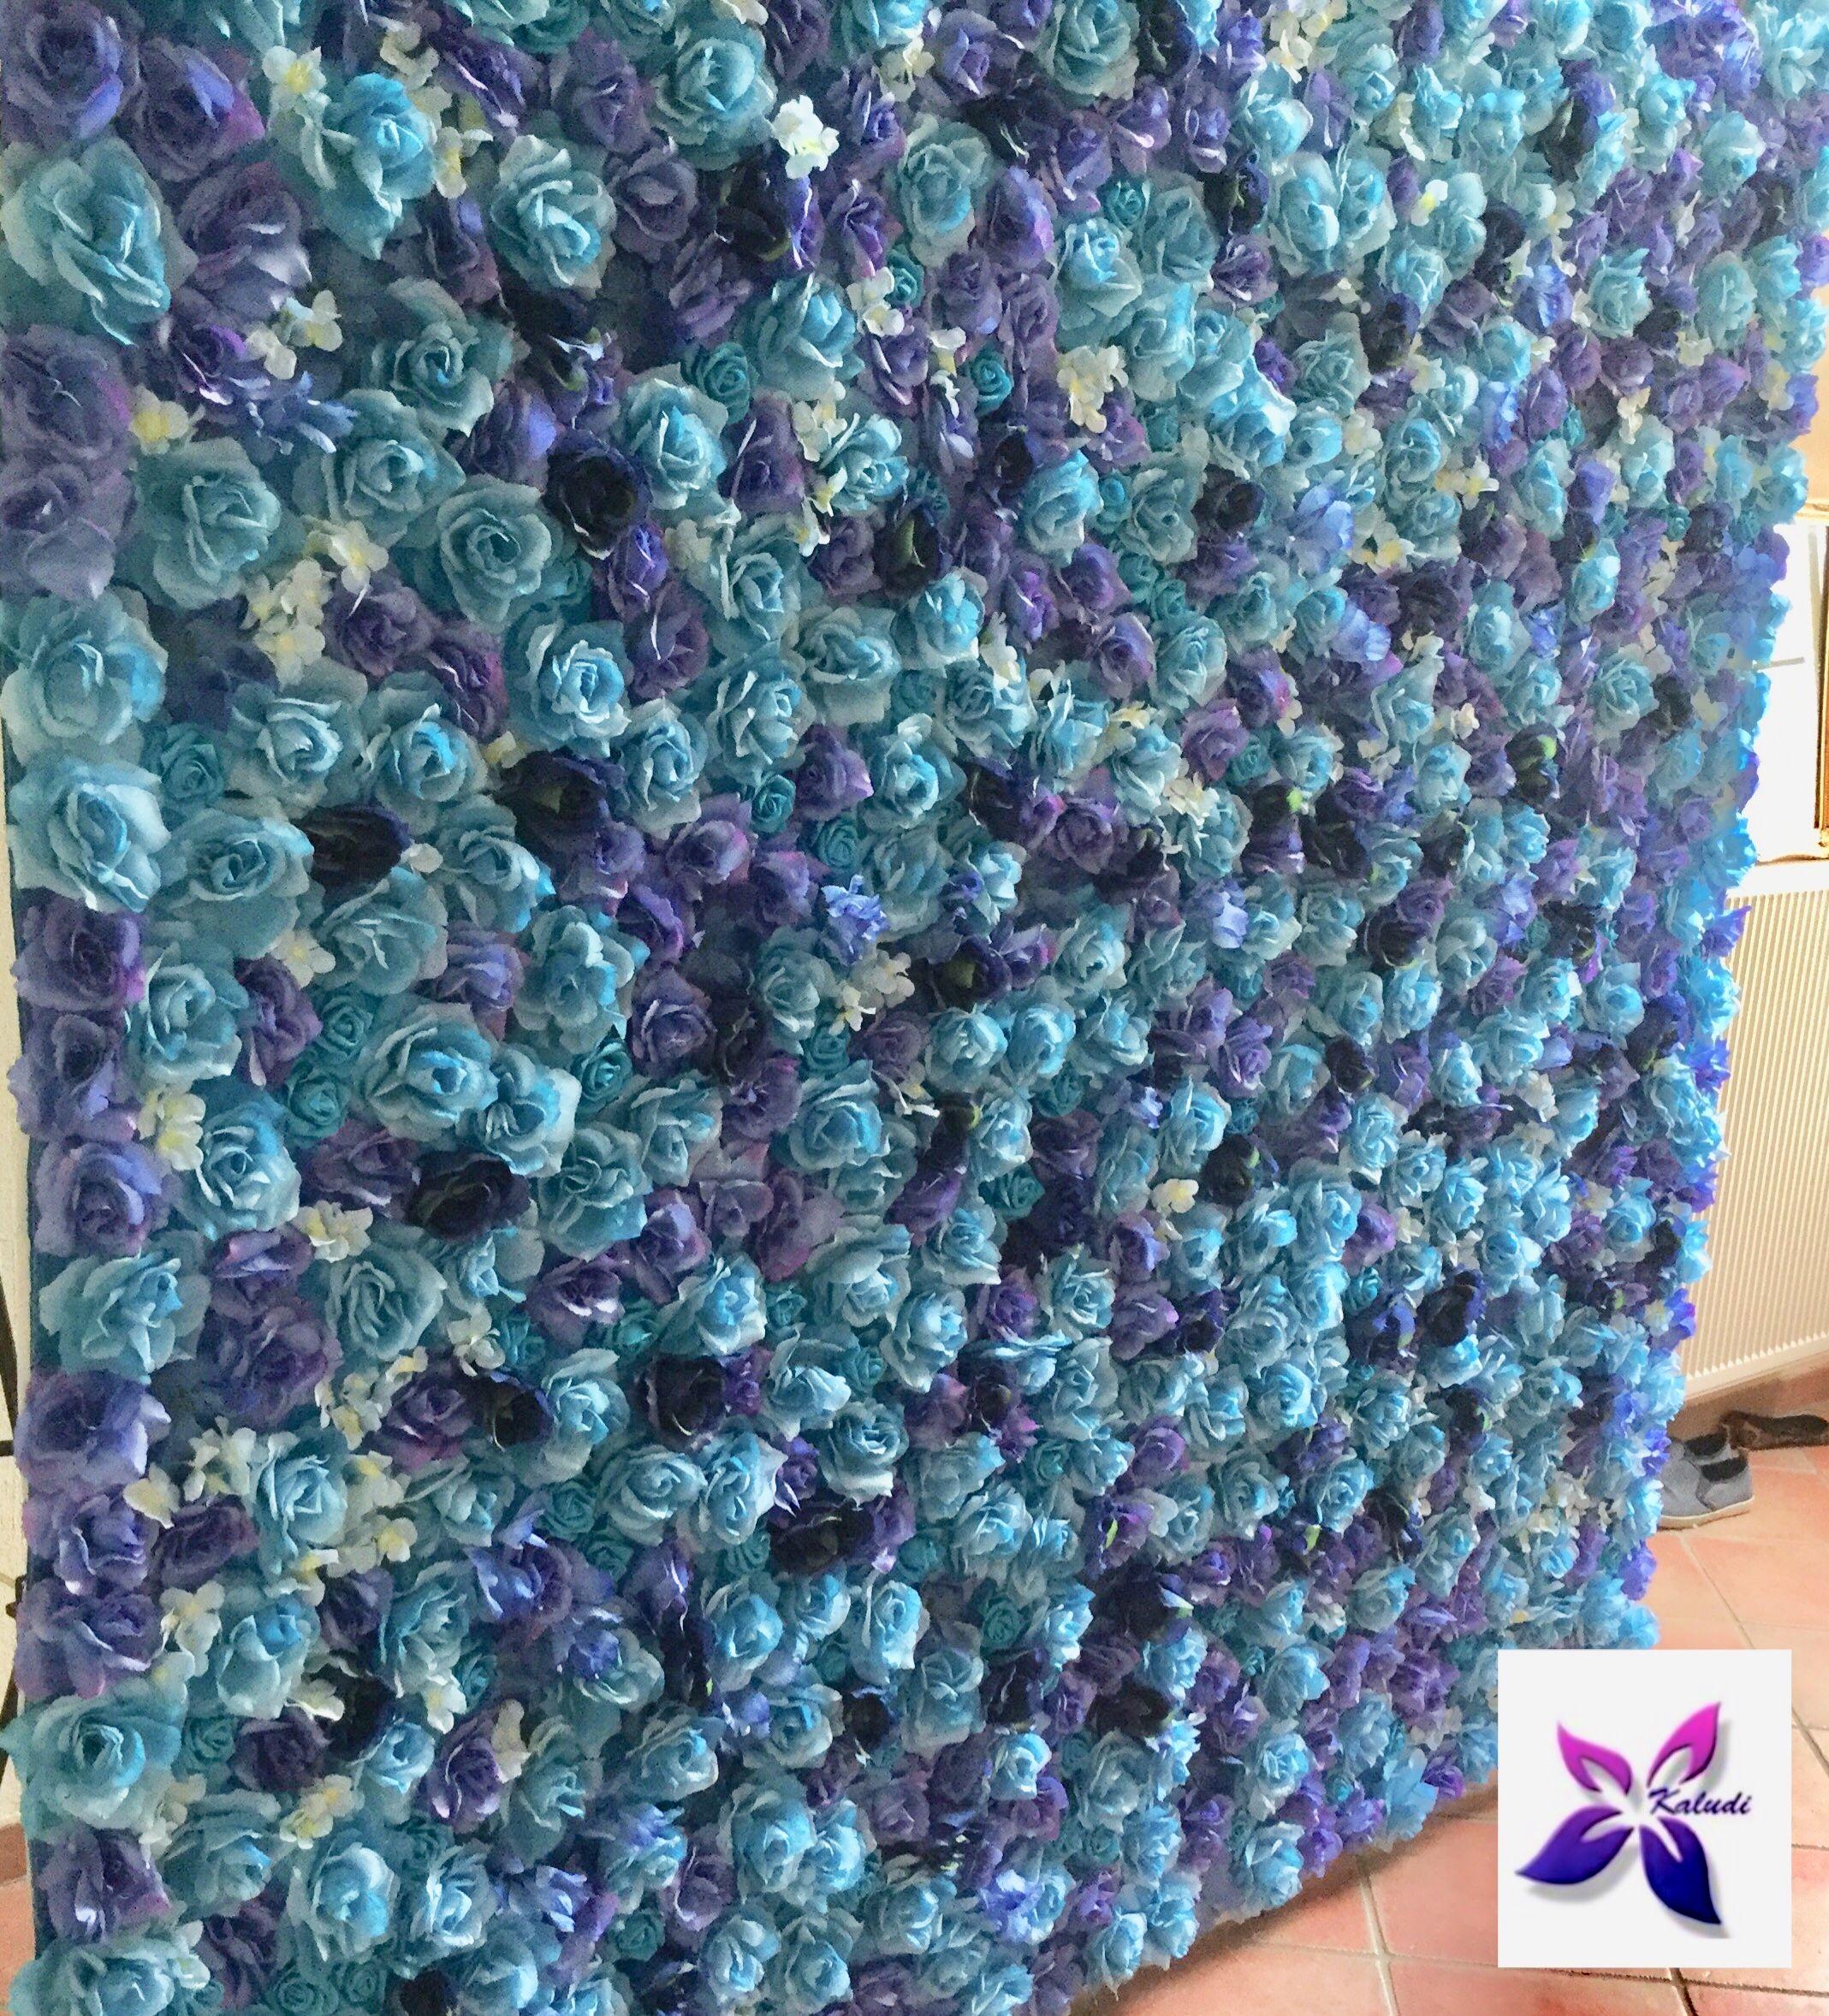 Blaue Blumenwand Fur Turkische Hochzeit Oder Beschneidungsparty